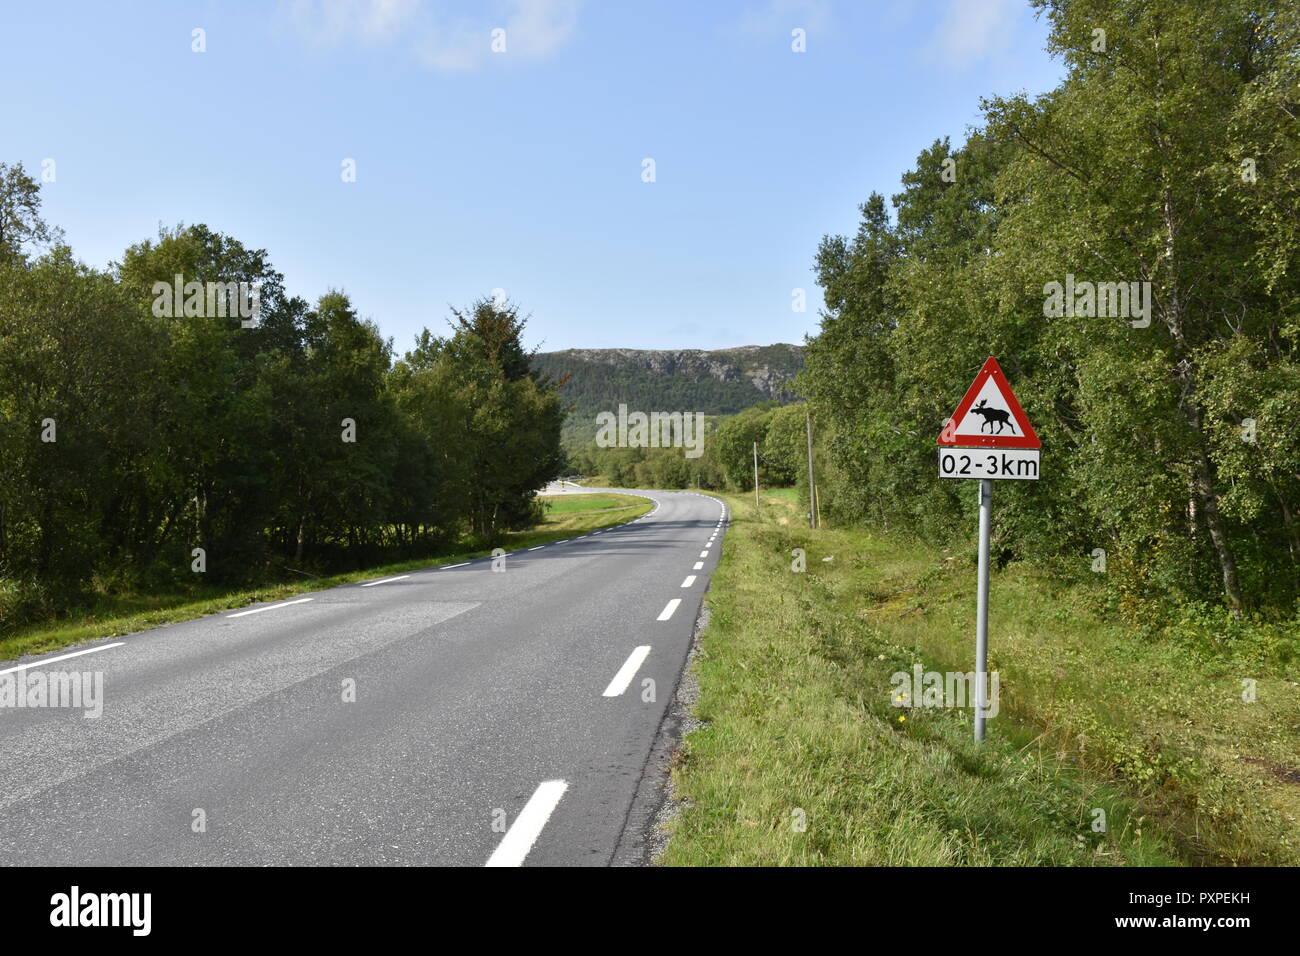 Norwegen, Verkehrszeichen, Elch, Schild, Tafel, Wildwechsel, Stark, miglior Wildwechsel, Straße, Landstraße, Distanz, km, chilometro, Wald, Warnung Immagini Stock